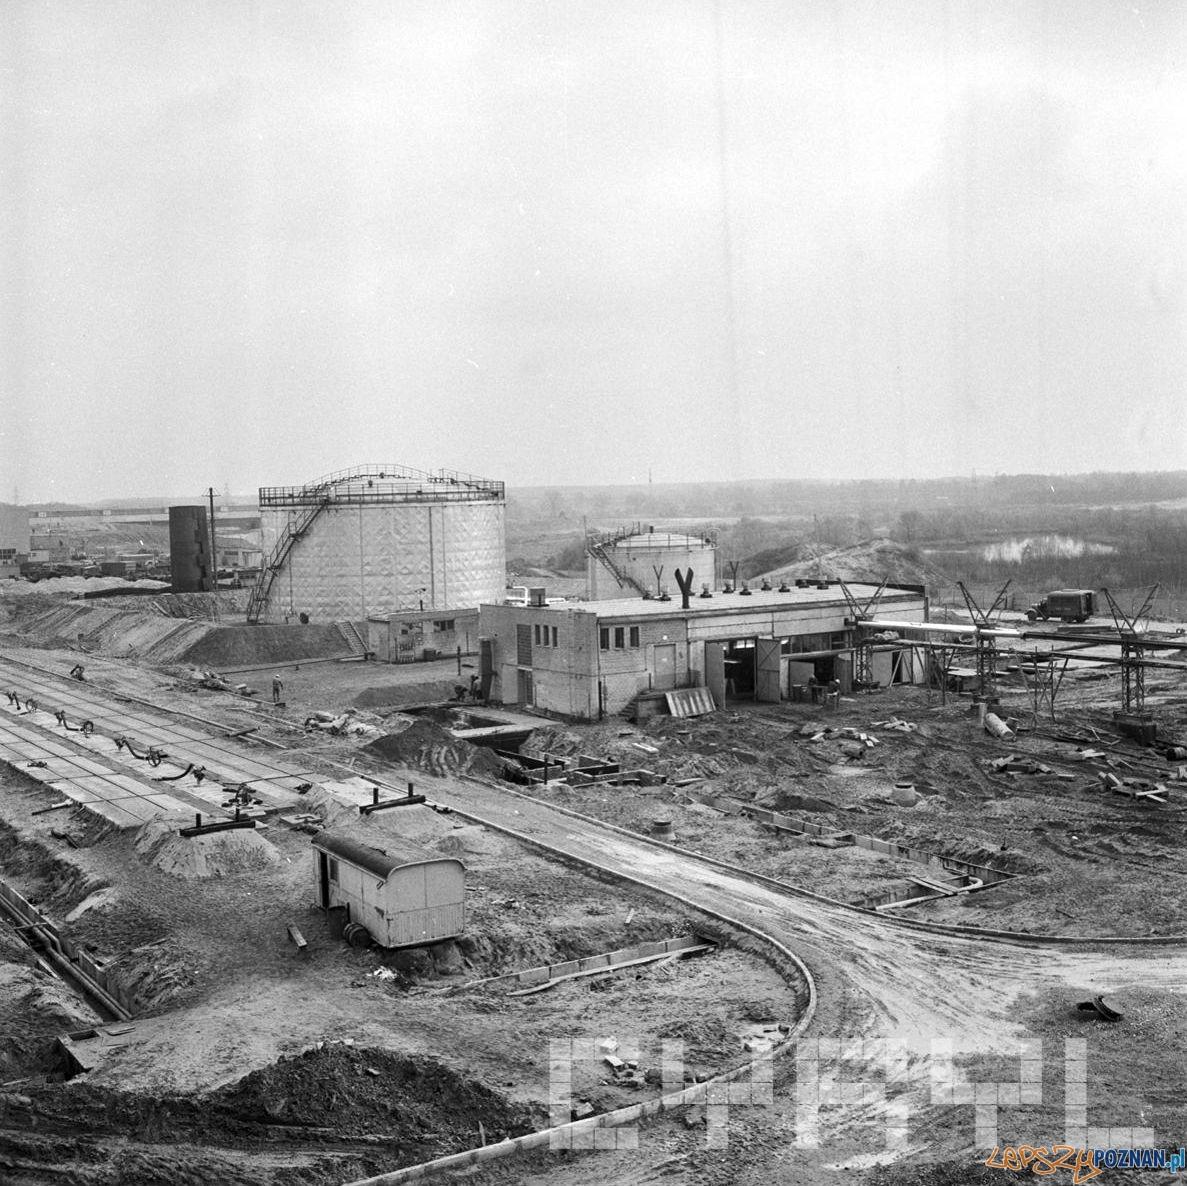 Budowa elektrociepłowni w Karolinie 6.11.1974  Foto: Stanisław Wiktor / Cyryl